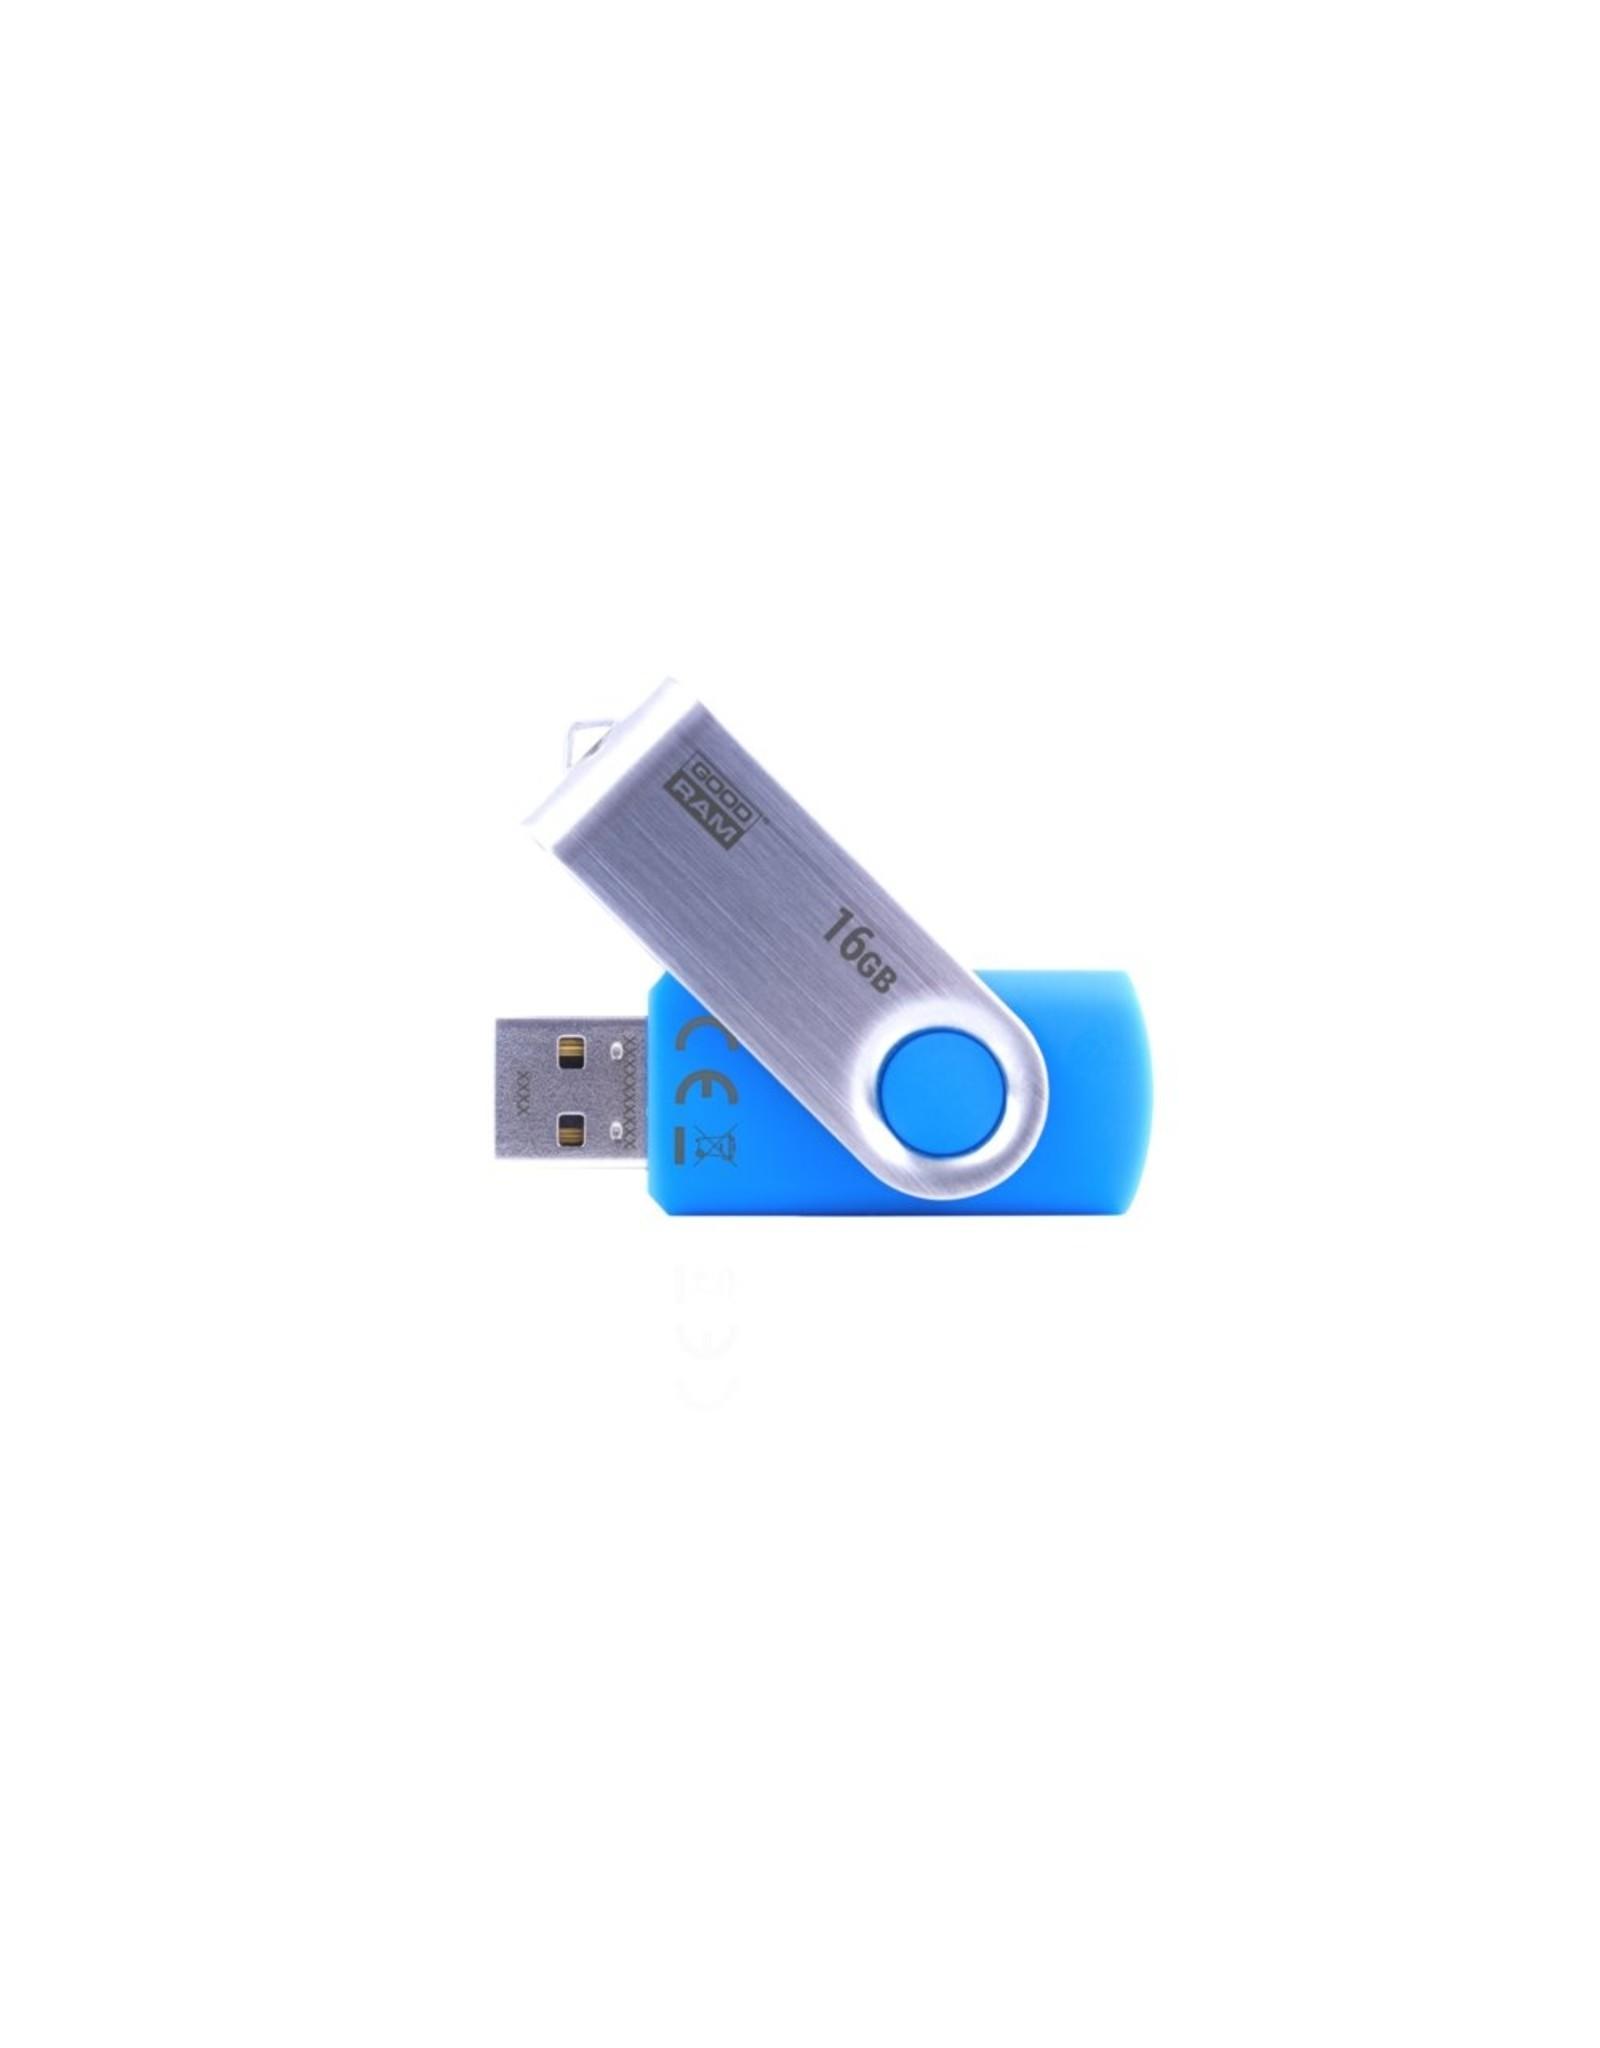 Goodram Storage  Flashdrive 16GB USB 2.0 Blue